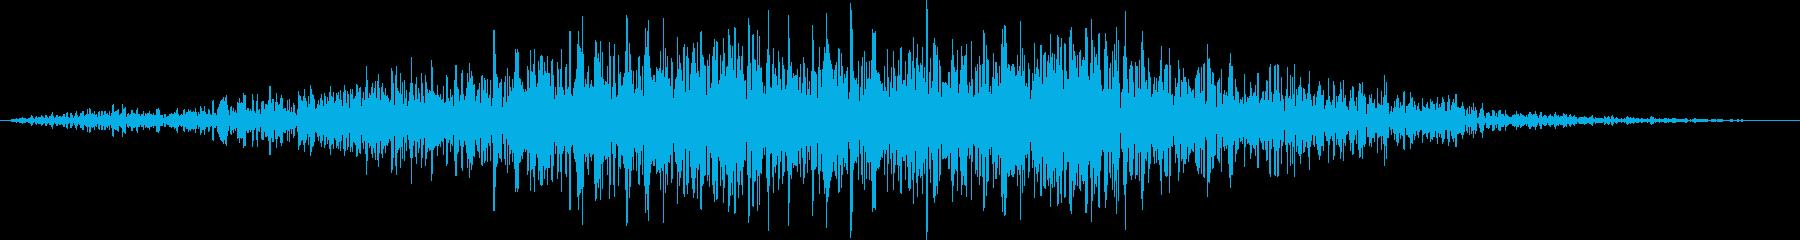 ゴゴゴゴゴ……(地響き、地震)の再生済みの波形